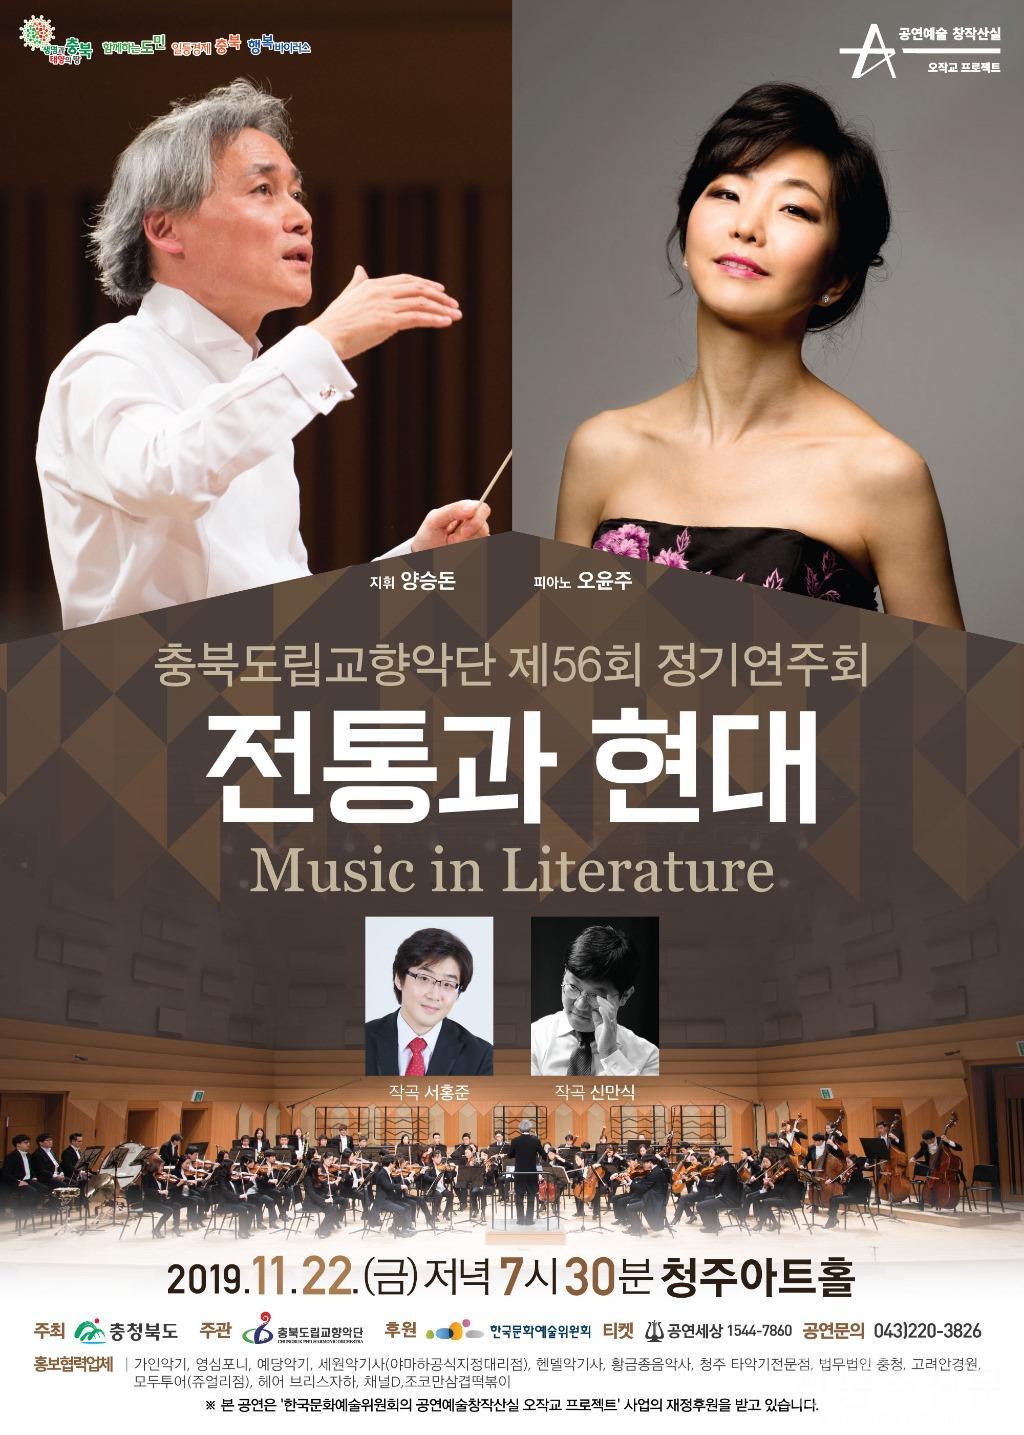 제56회 정기연주회 전통과 현대 - Music in Literature 개최.jpg